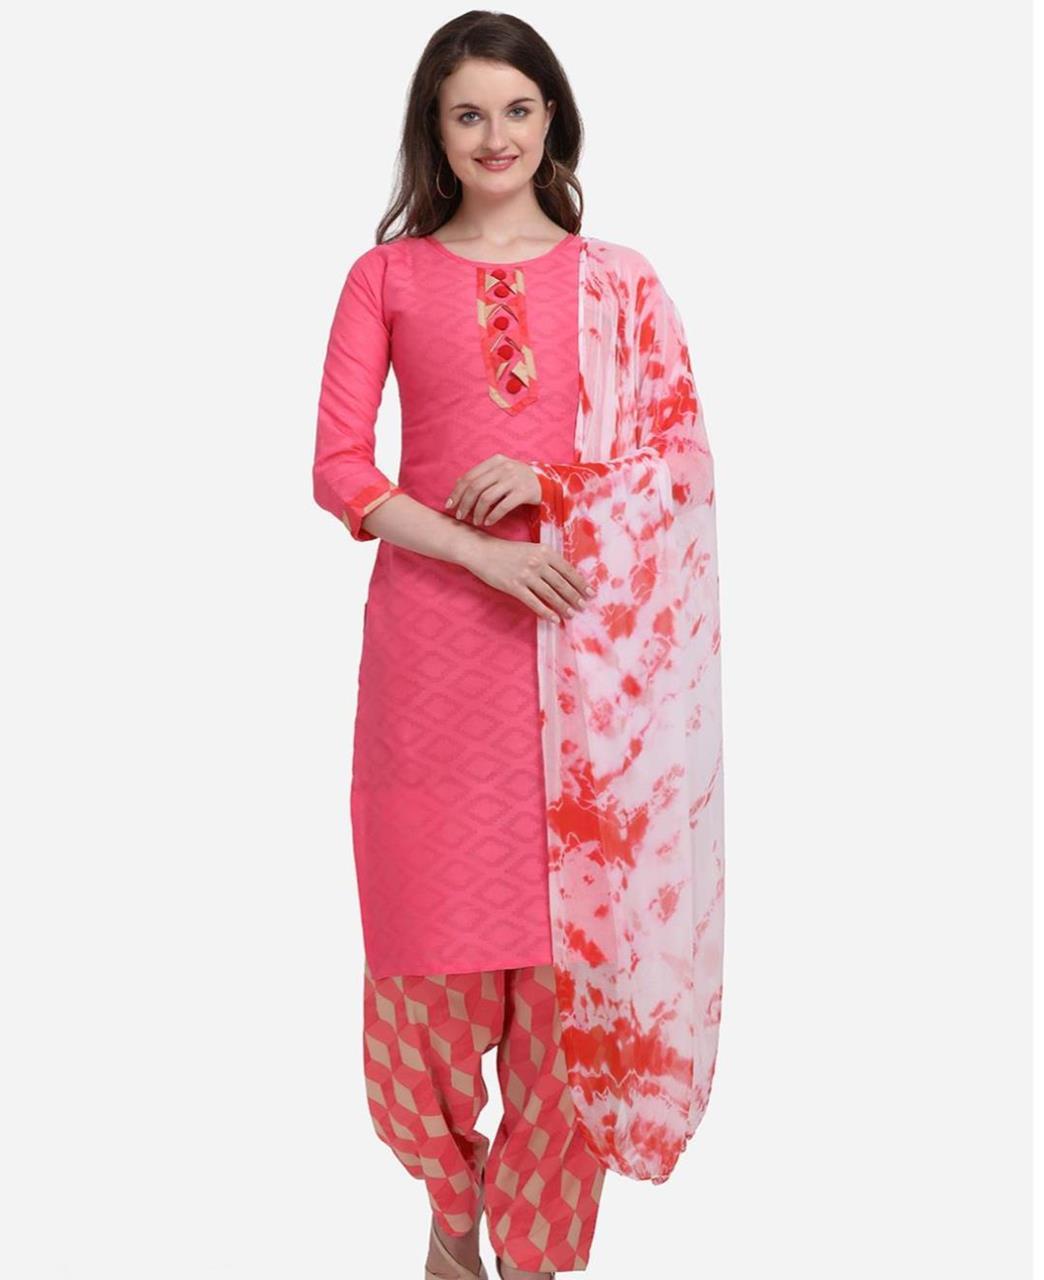 Zari Cotton Patiyala Suit Salwar in Pink